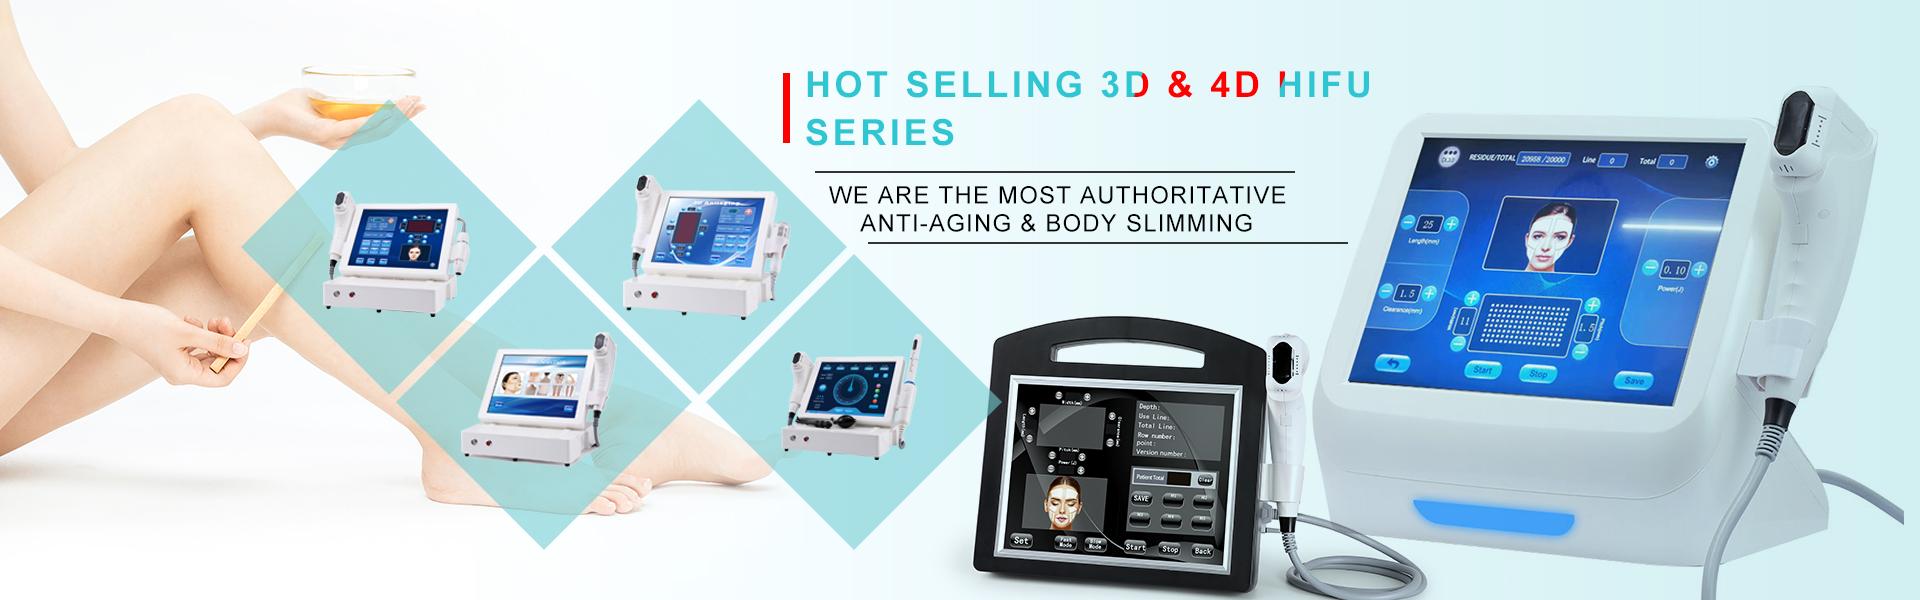 حار بيع 3D و 4 D HIFU سلسلة